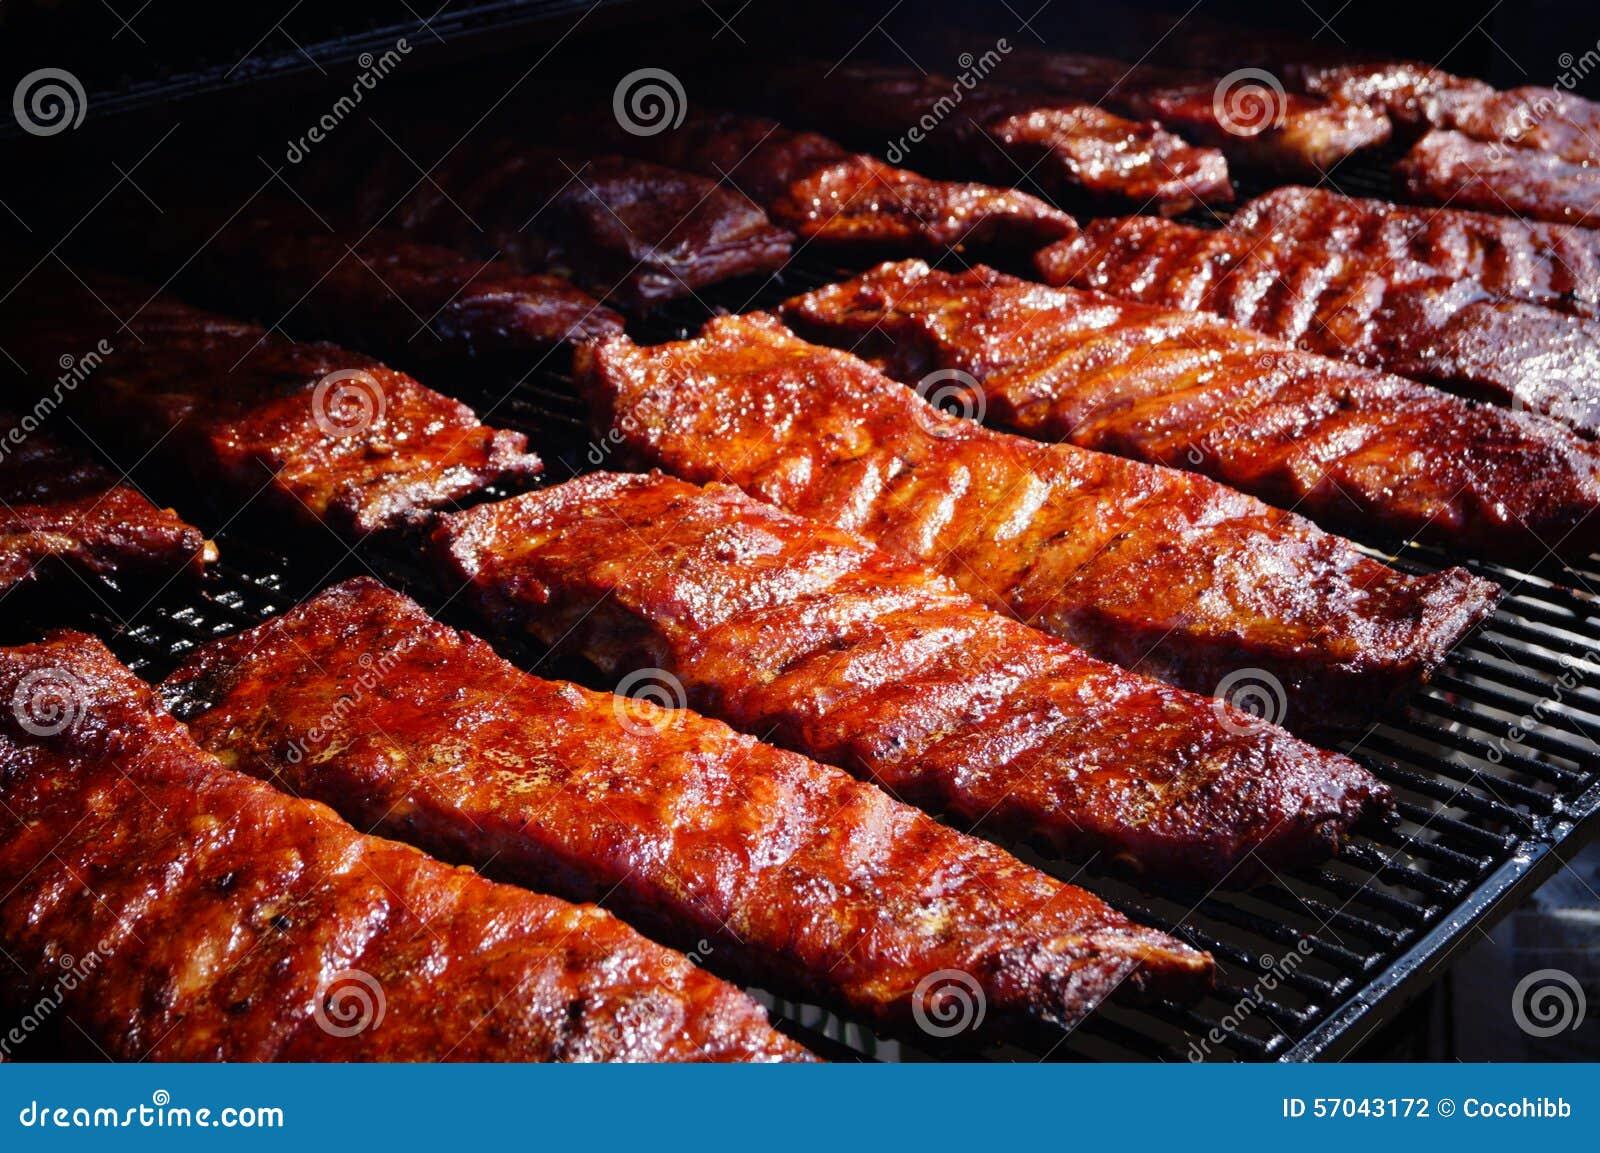 Suncoast BBQ Bash - Event Food BBQ Slabs of Ribs